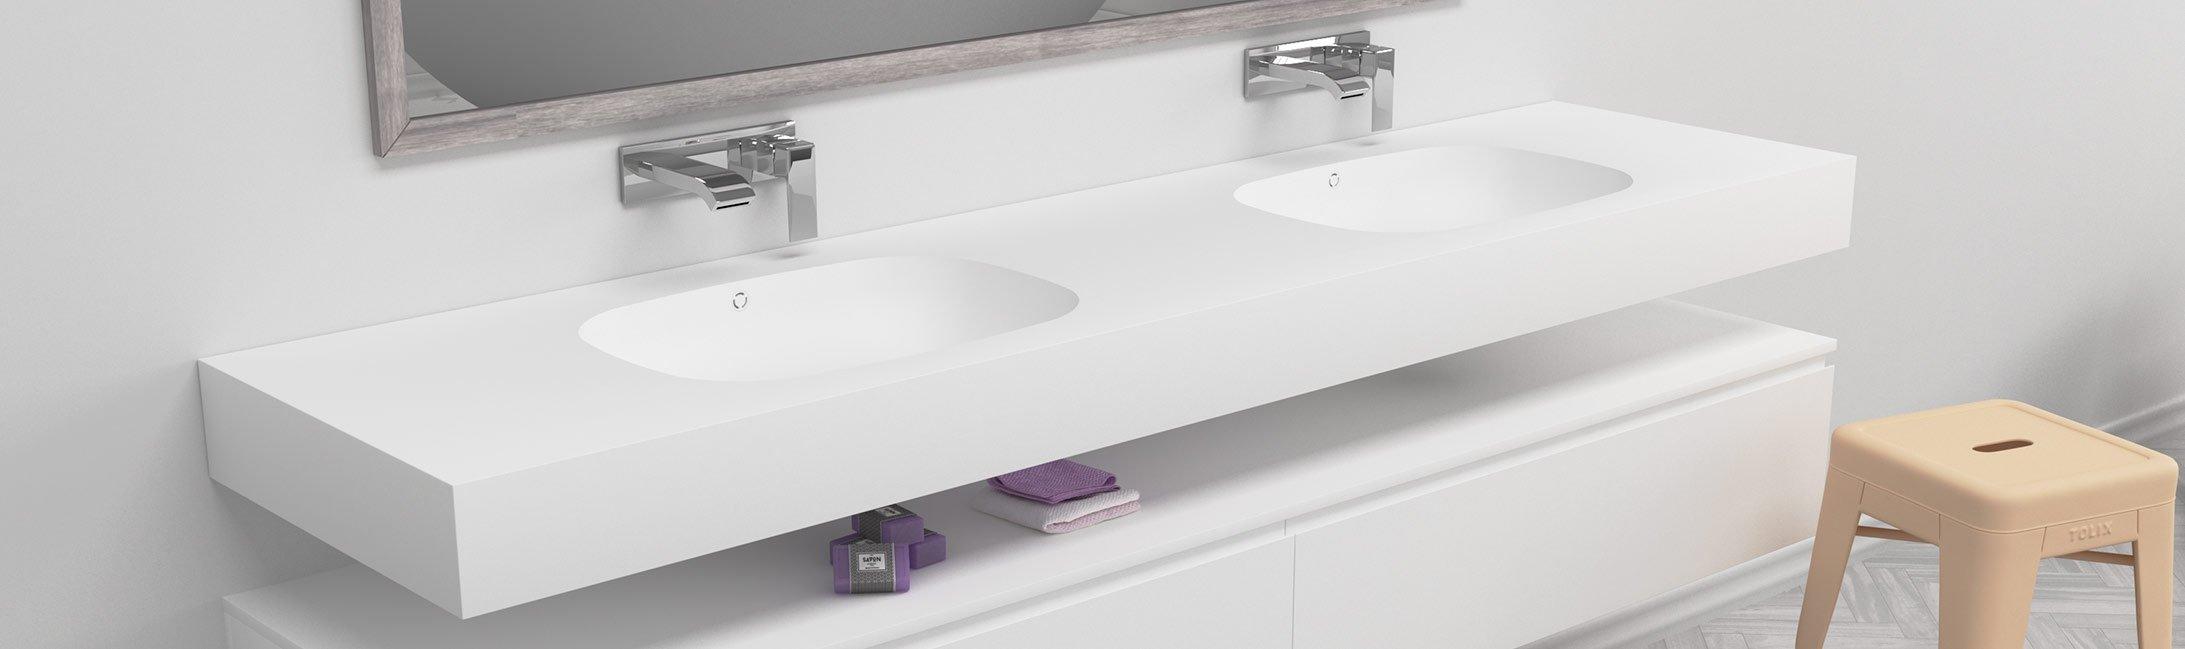 Corian Waschbecken dupont corian waschtische mit 2 waschbecken riluxa com